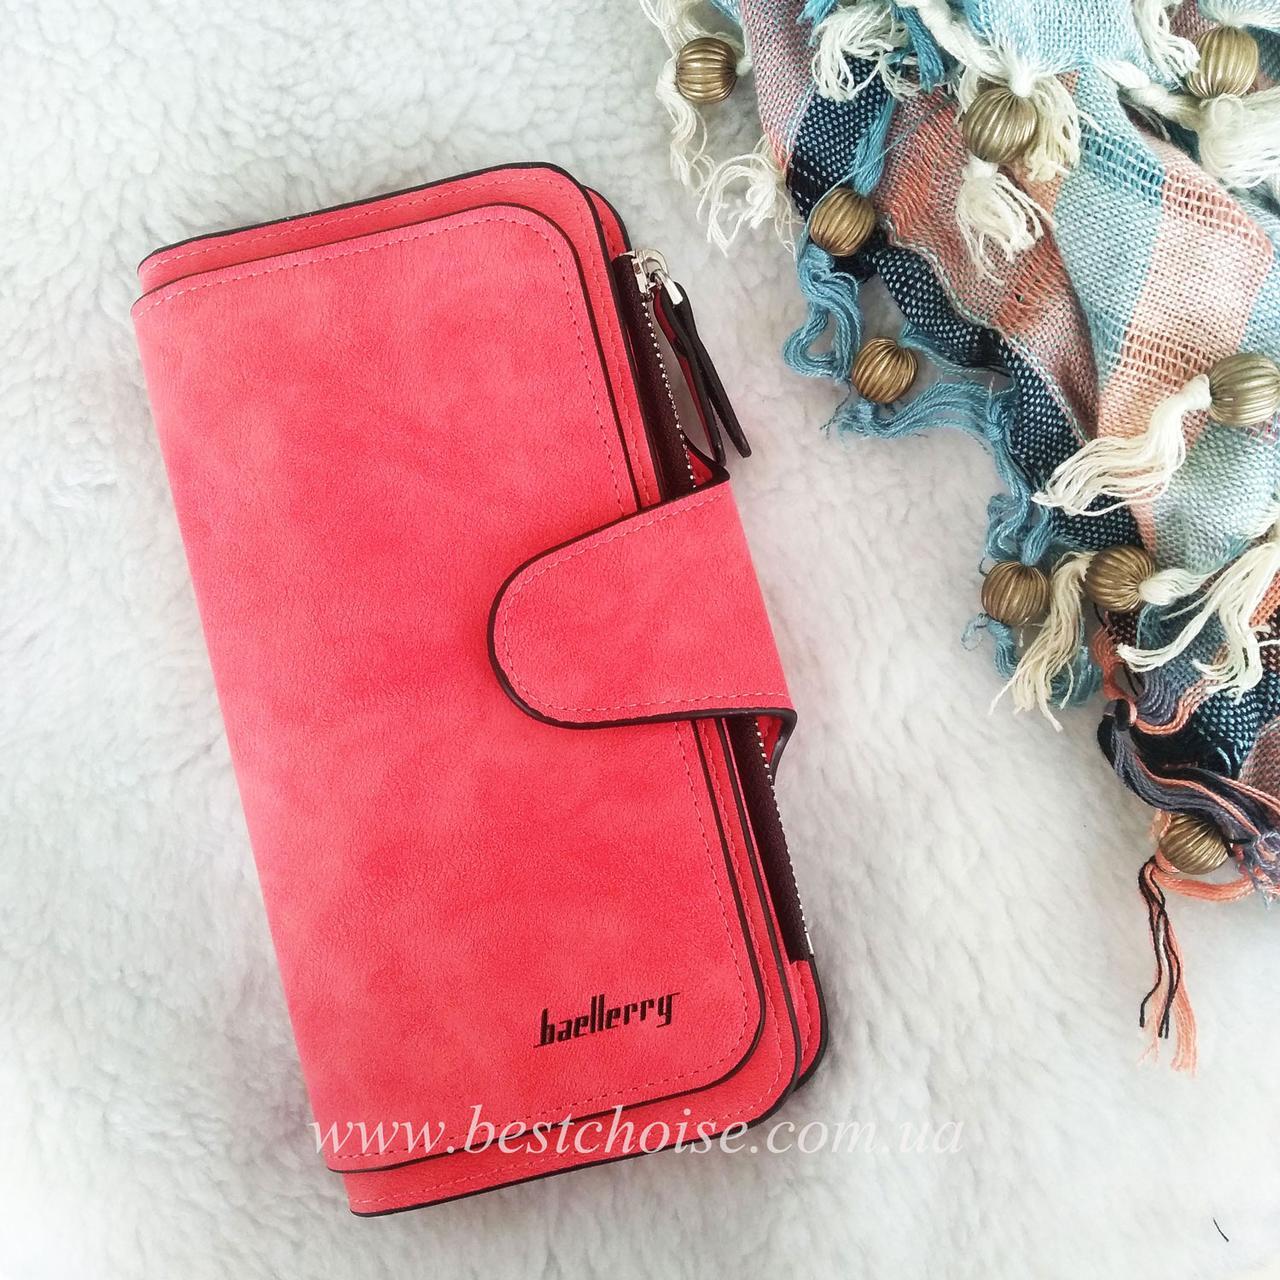 eefa244fbbdf Красный Baellerry Forever. Женский стильный кошелек - клатч из эко-замши.